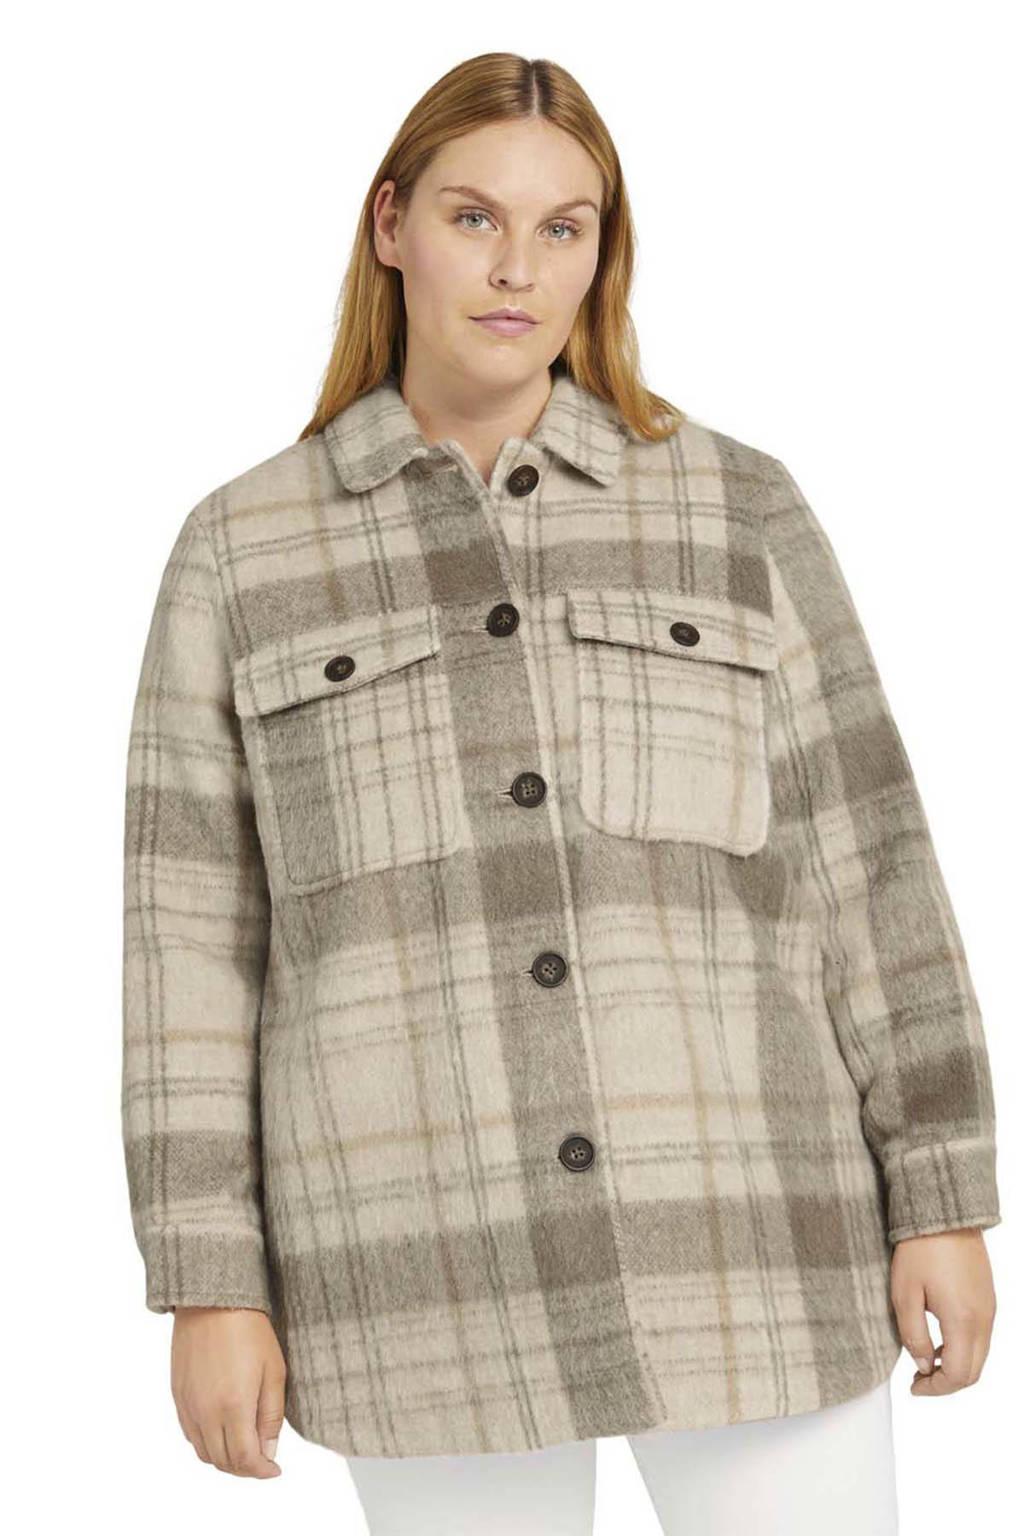 Tom Tailor My True Me geruite shacket beige/grijs/bruin, Beige/Grijs/Bruin